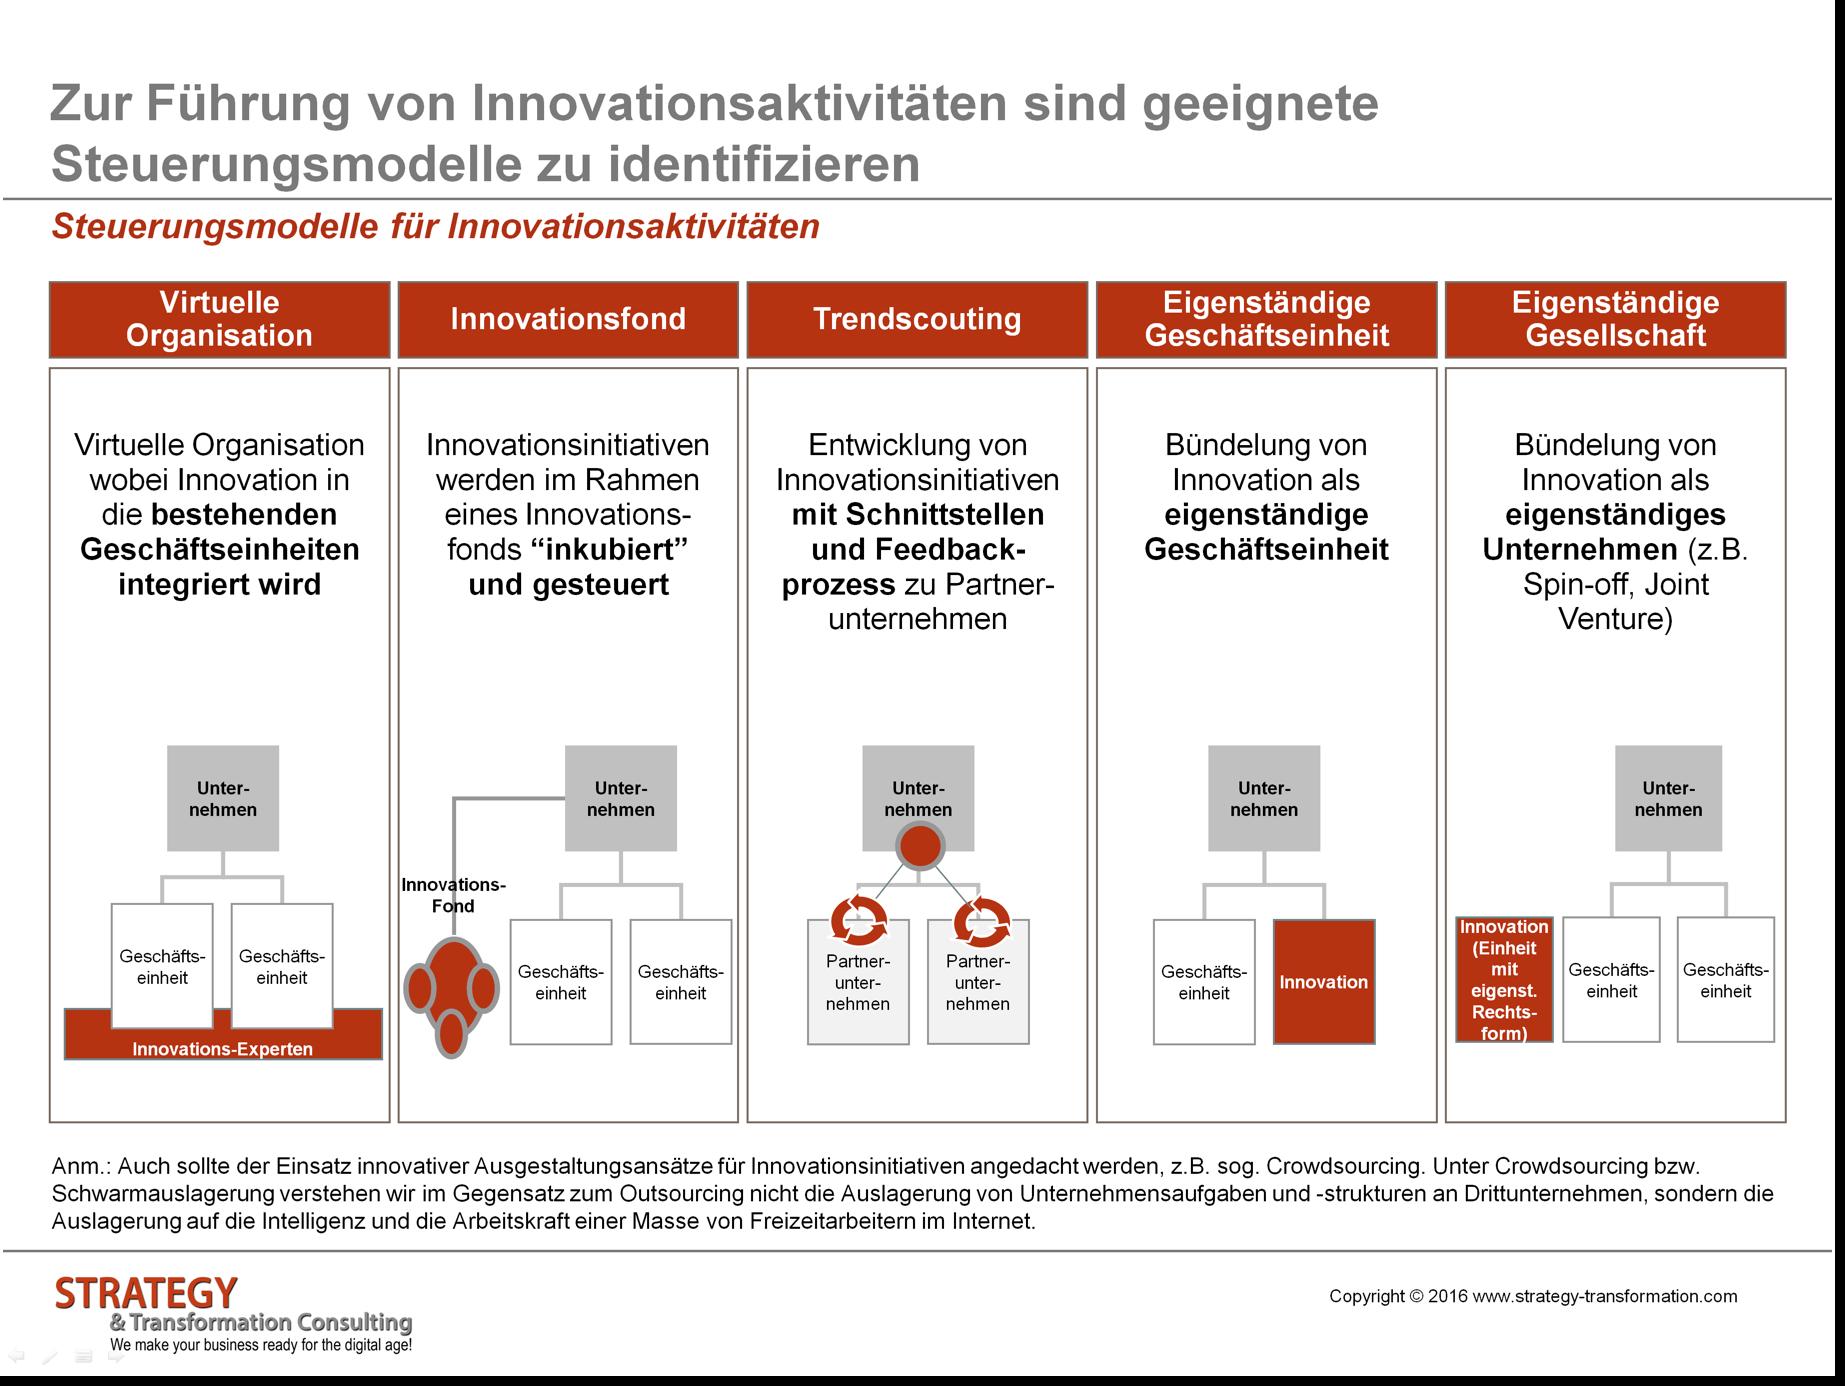 Steuerungsmodelle für Innovationsaktivitäten